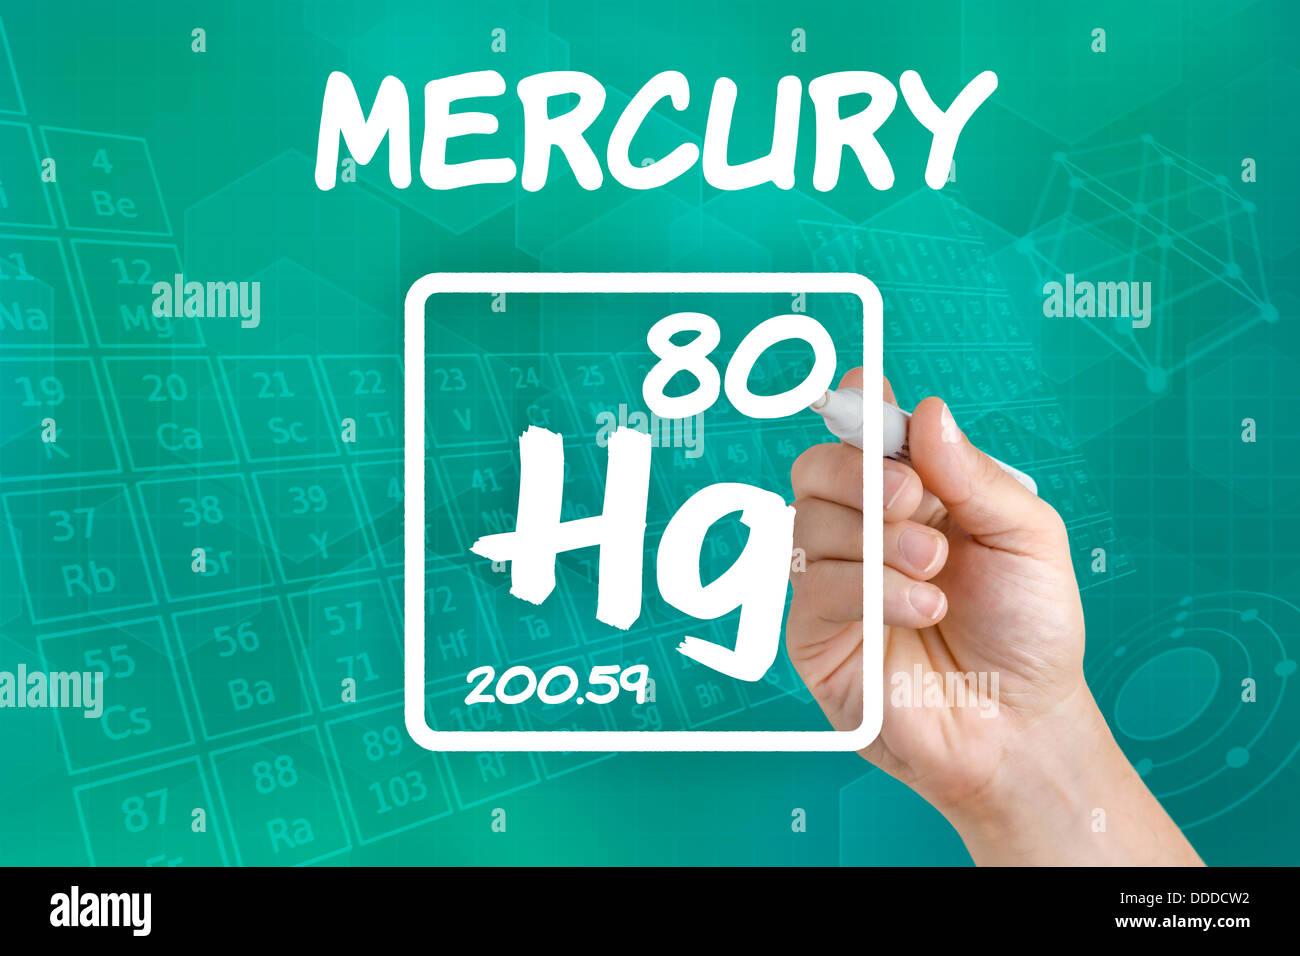 Symbol for the chemical element mercury stock photo royalty free symbol for the chemical element mercury buycottarizona